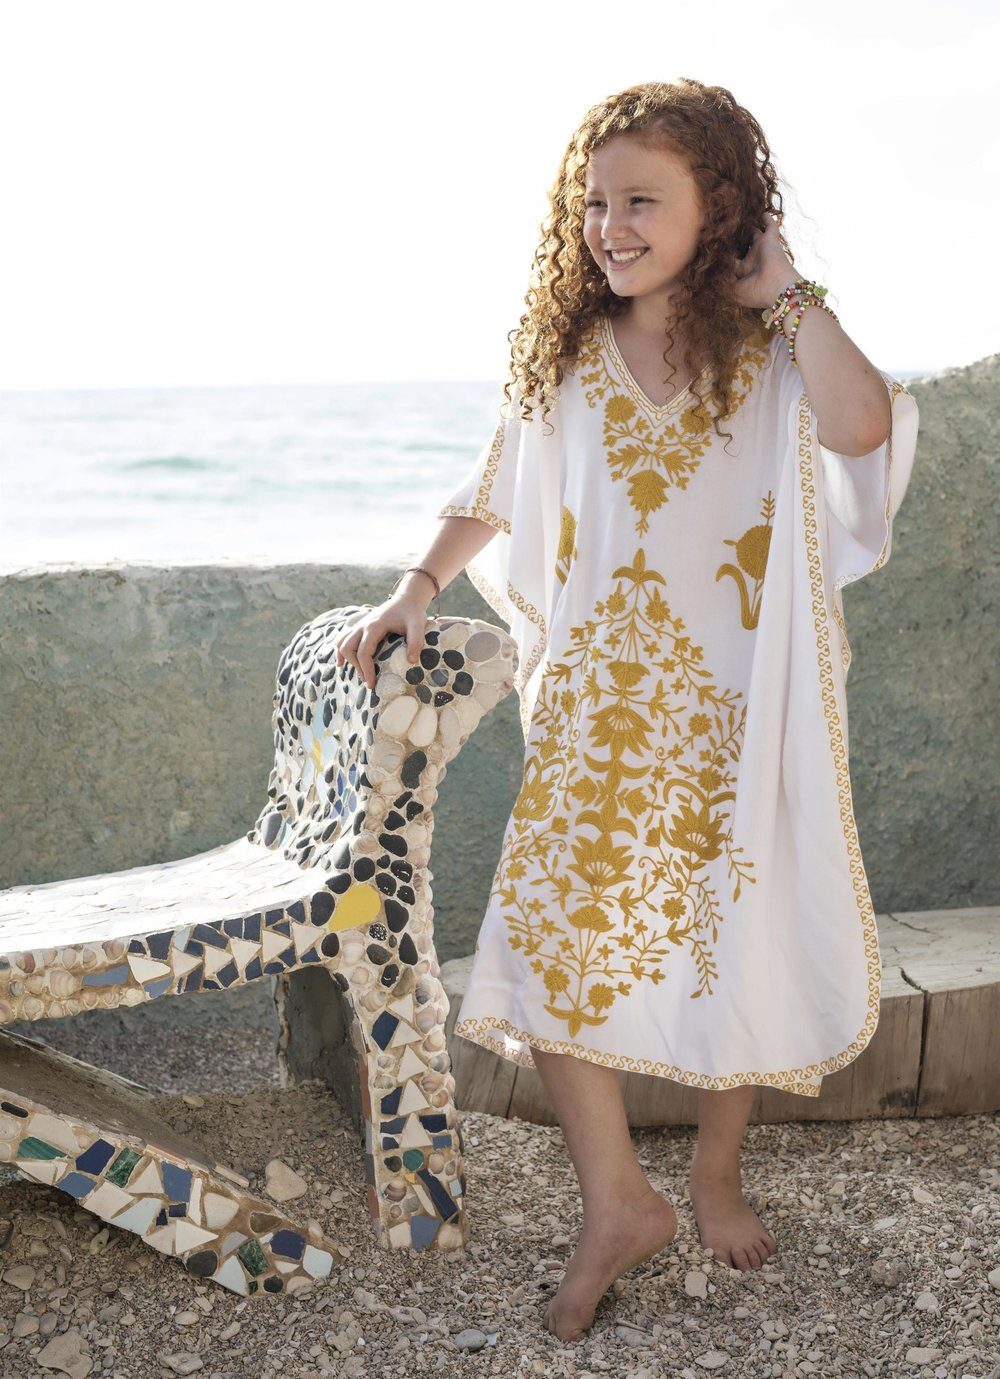 שמלת גלביה לילדה 349 ש״ח (צילום אלכס ליפקין)